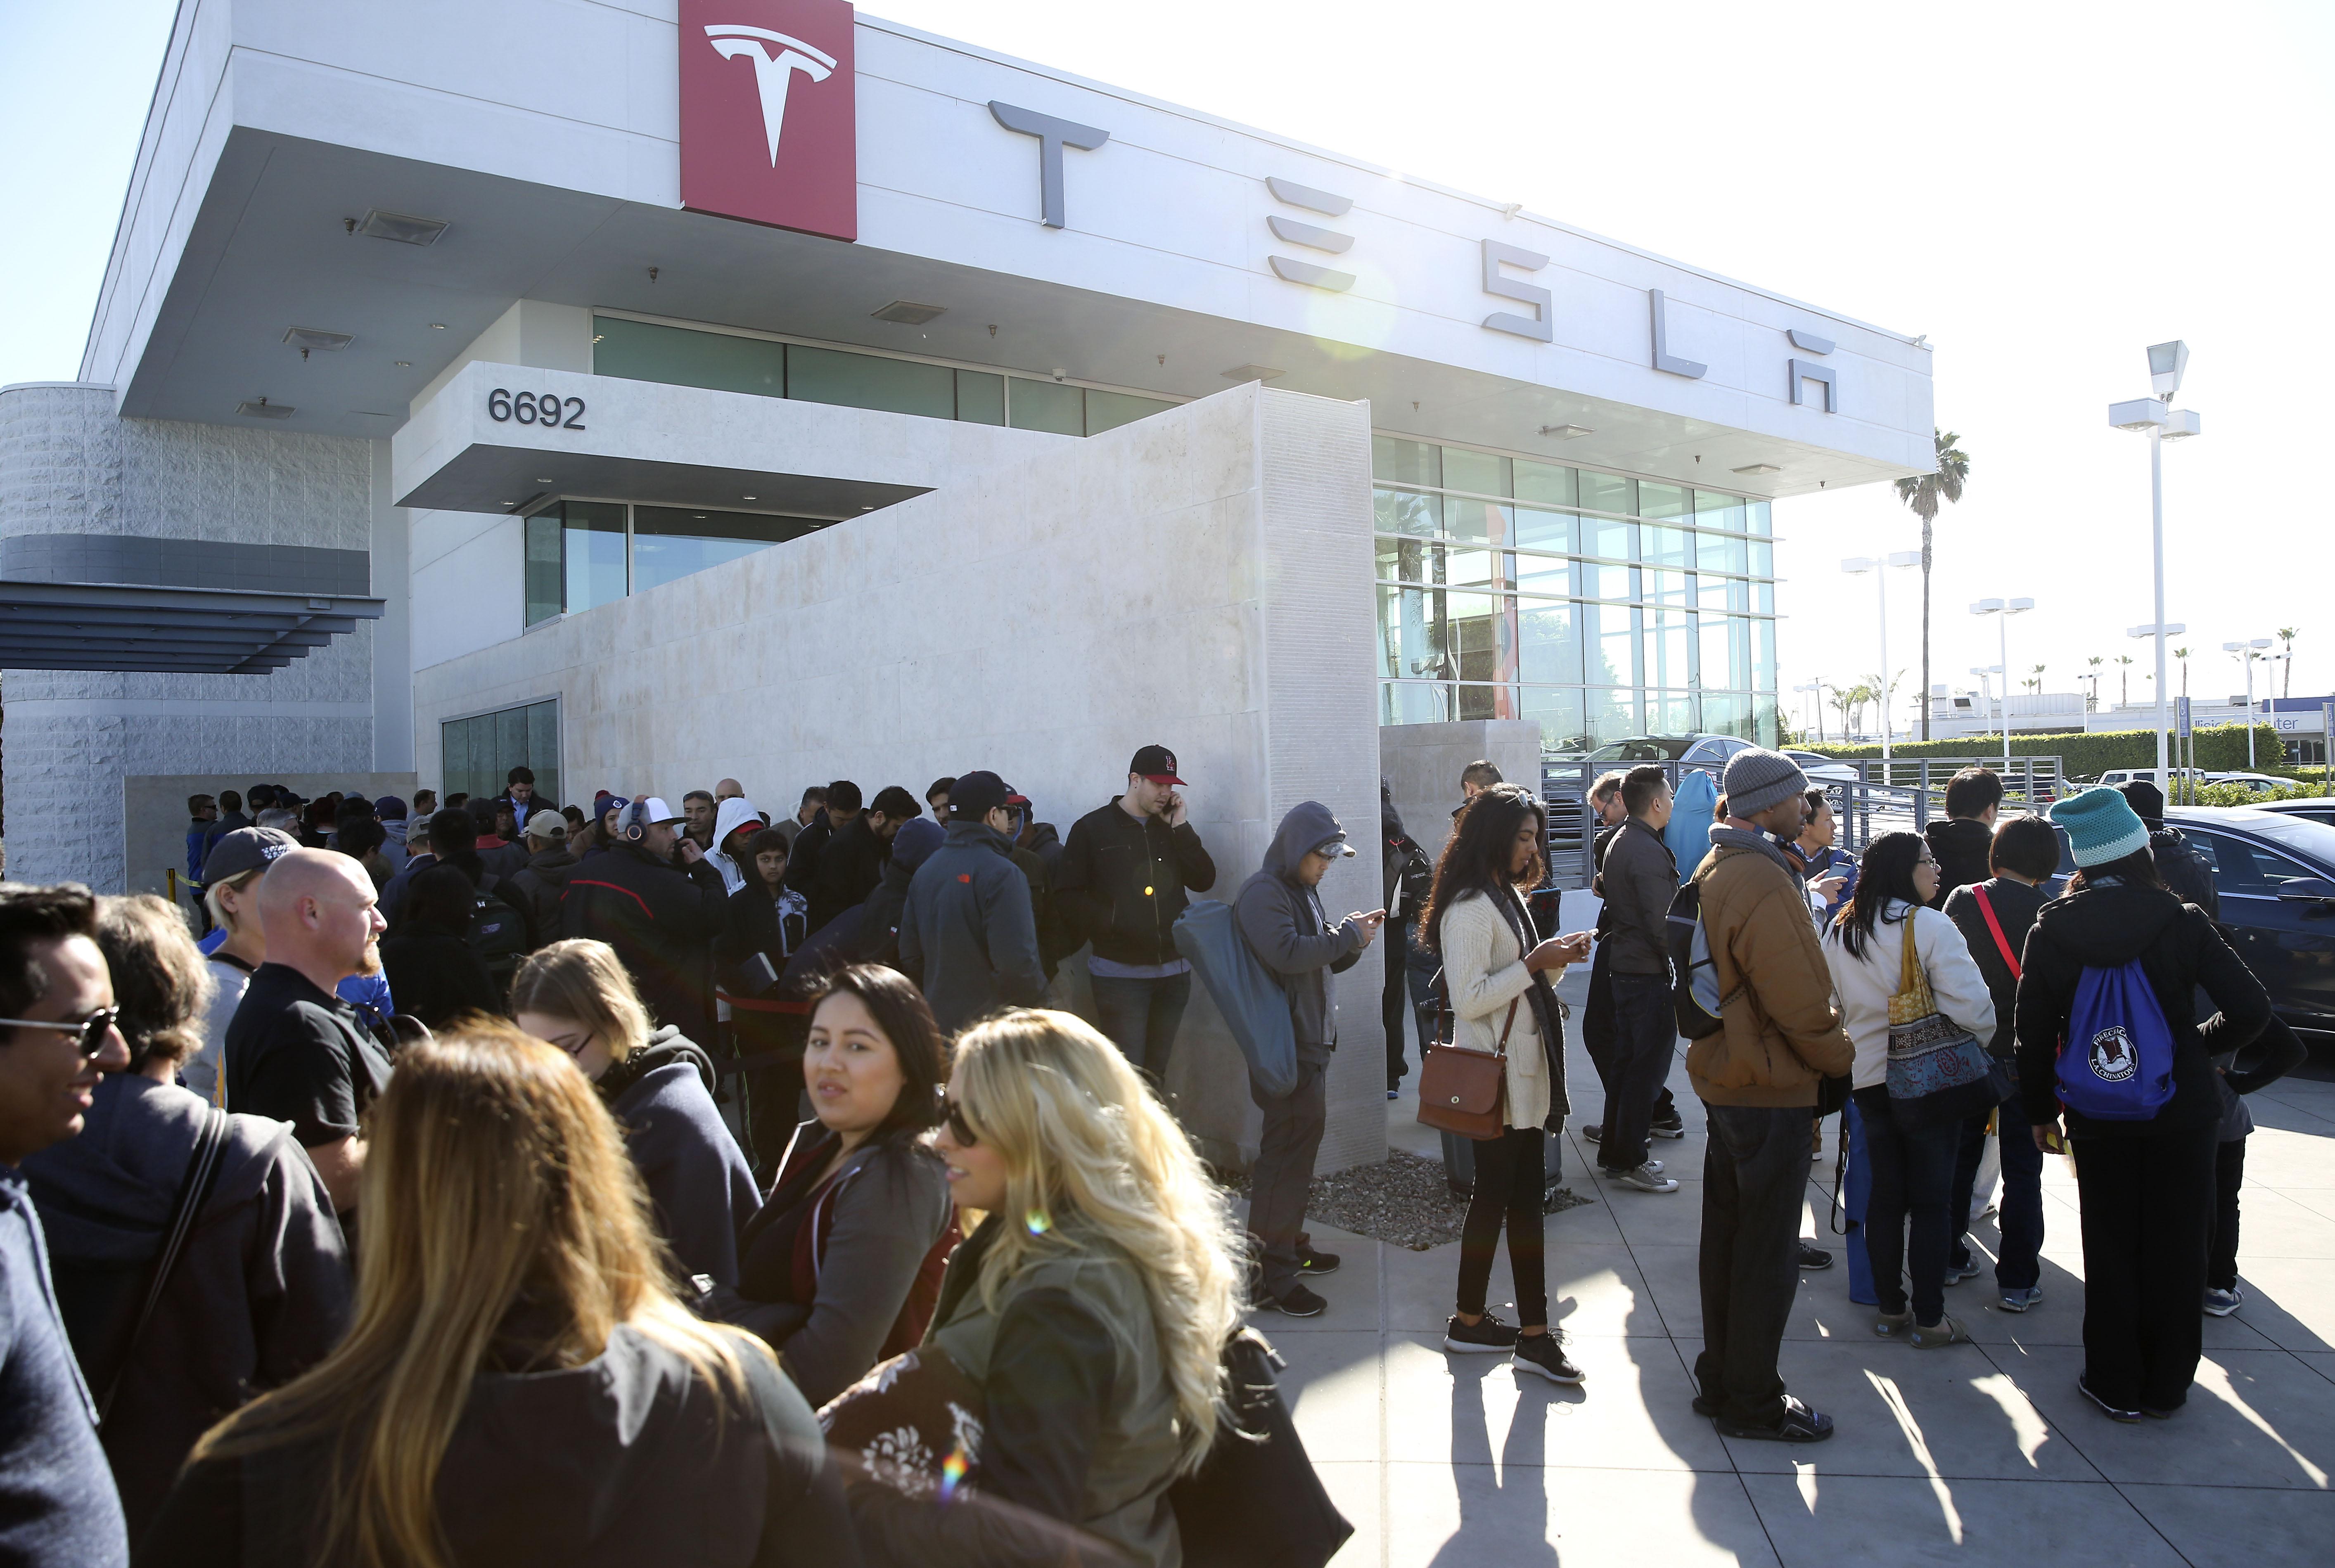 detroit tesla says model 3 orders top 10 billion in first 36 hours. Black Bedroom Furniture Sets. Home Design Ideas